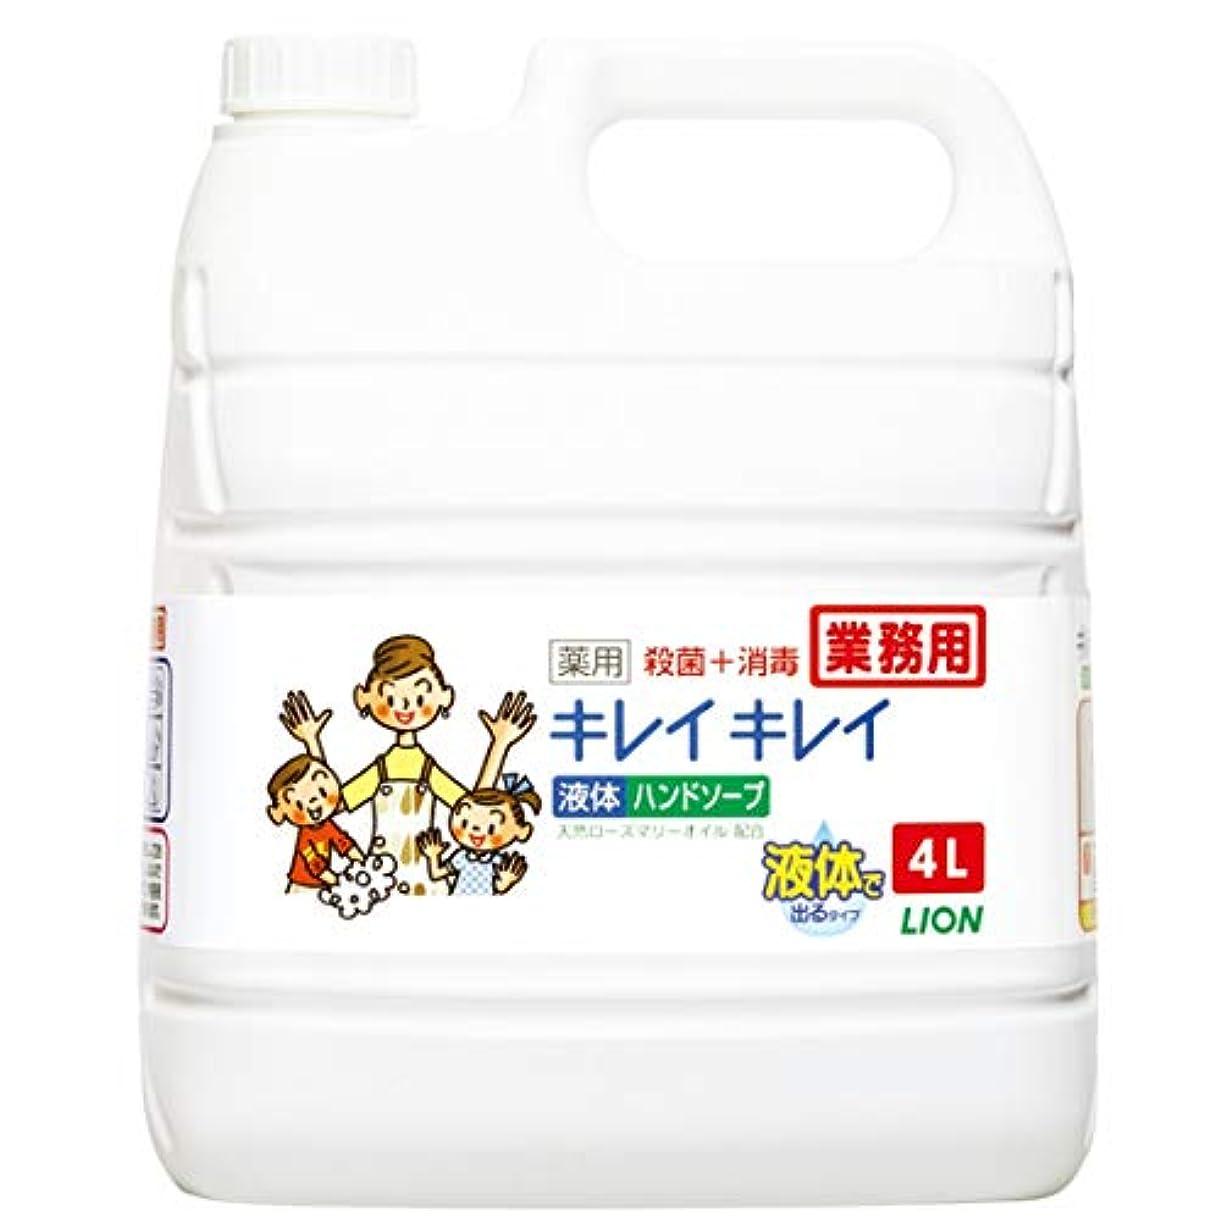 血文化展開する【業務用 大容量】キレイキレイ 薬用 ハンドソープ  4L(医薬部外品)